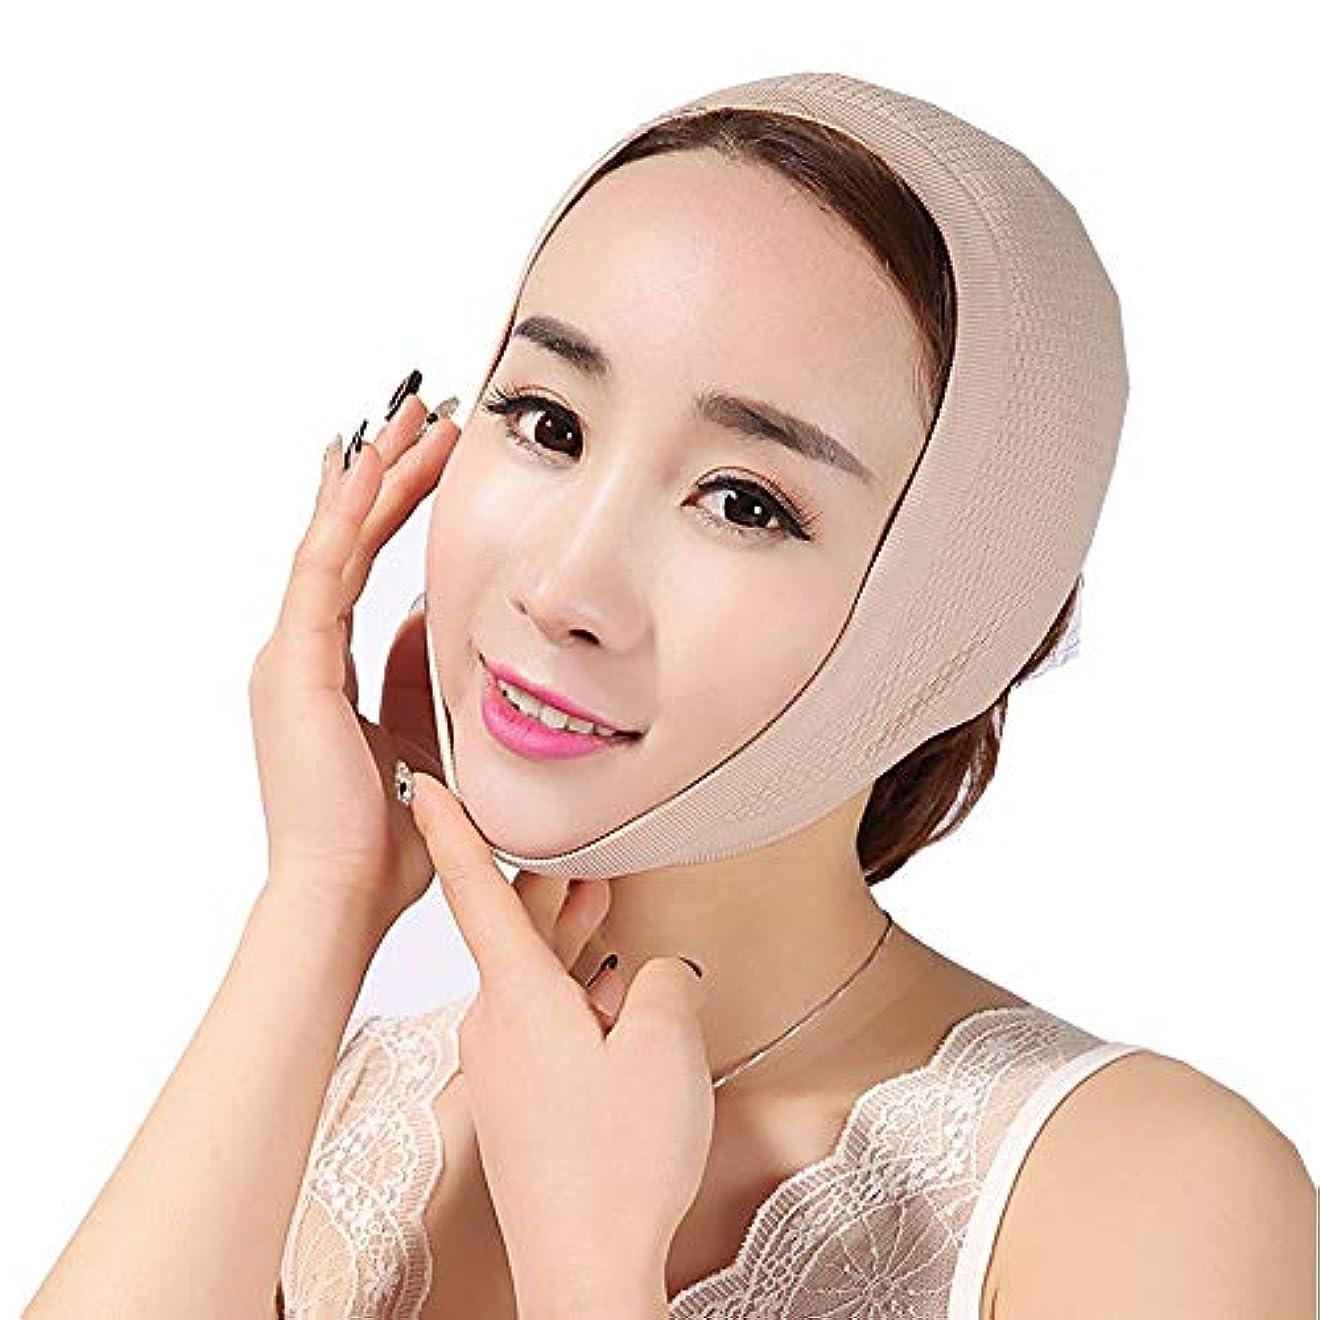 ビジュアルプレートシェーバーJia Jia- フェイスマスクで眠る薄い顔フェイスリフトフェイスリフトアーティファクトスモールフェイスVフェイスリフト付きフェイスフェイス包帯引き上げジョーセット 顔面包帯